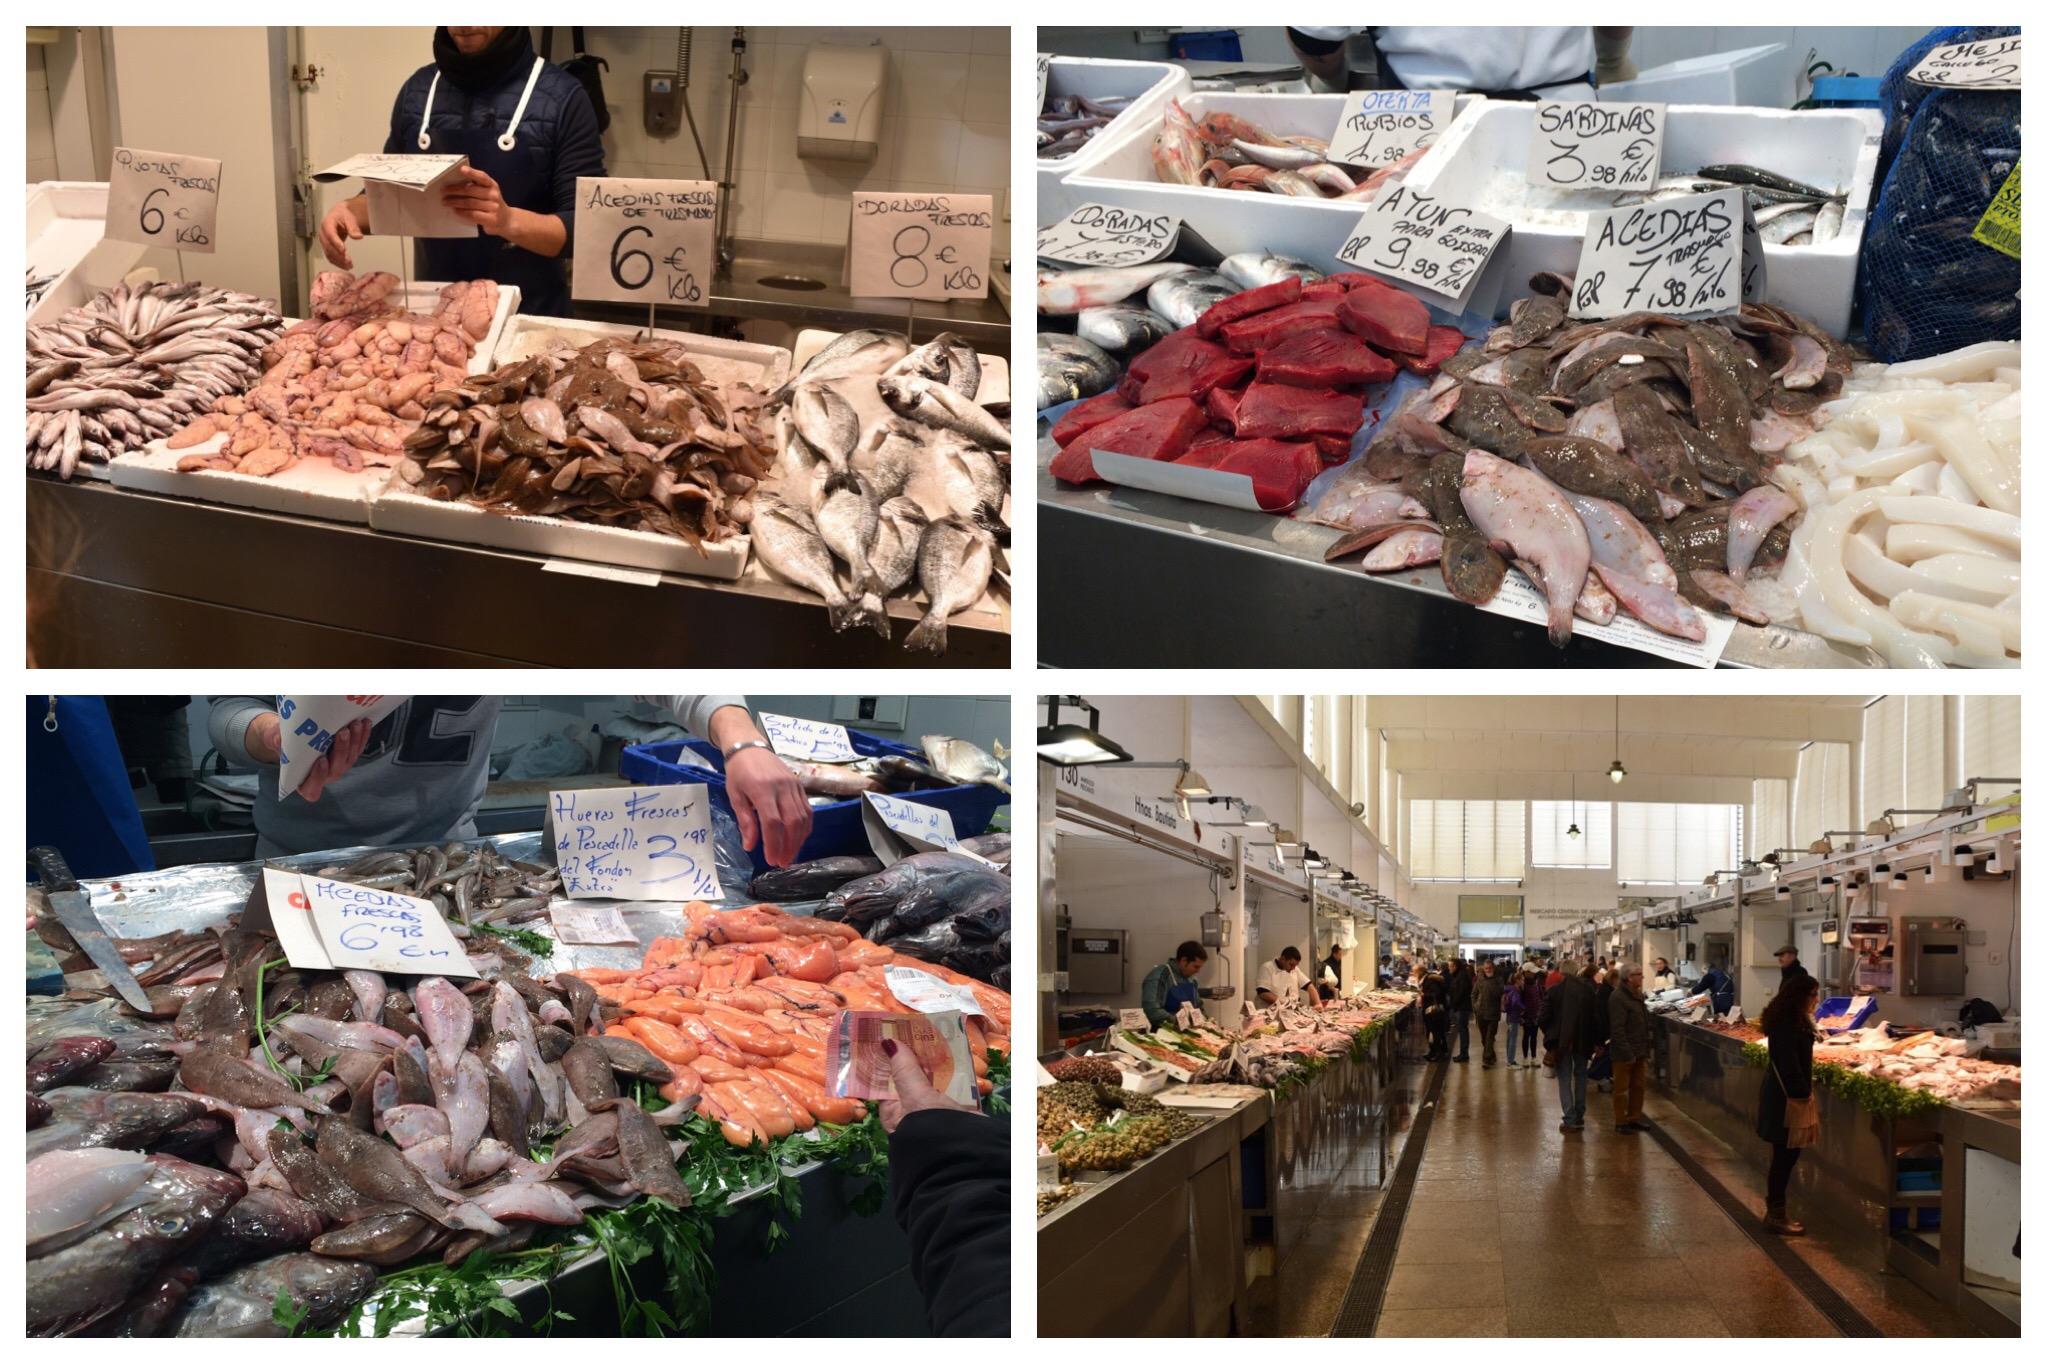 Cadiz - fish market (2) huge variety